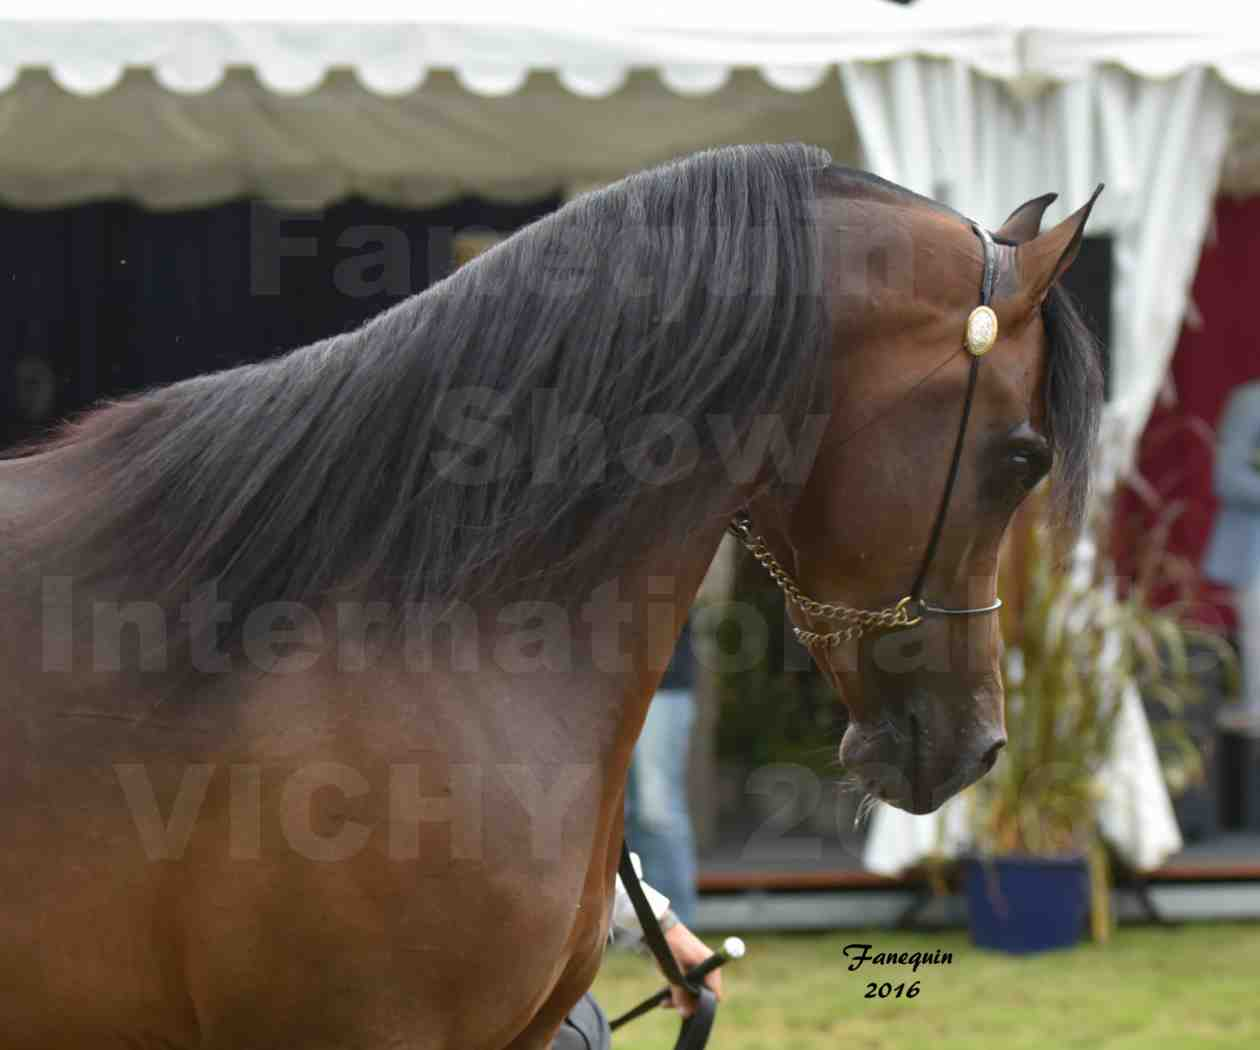 International Arabian Horse Show B de VICHY 2016 - MILLIAR - Notre Sélection - Portraits - 8